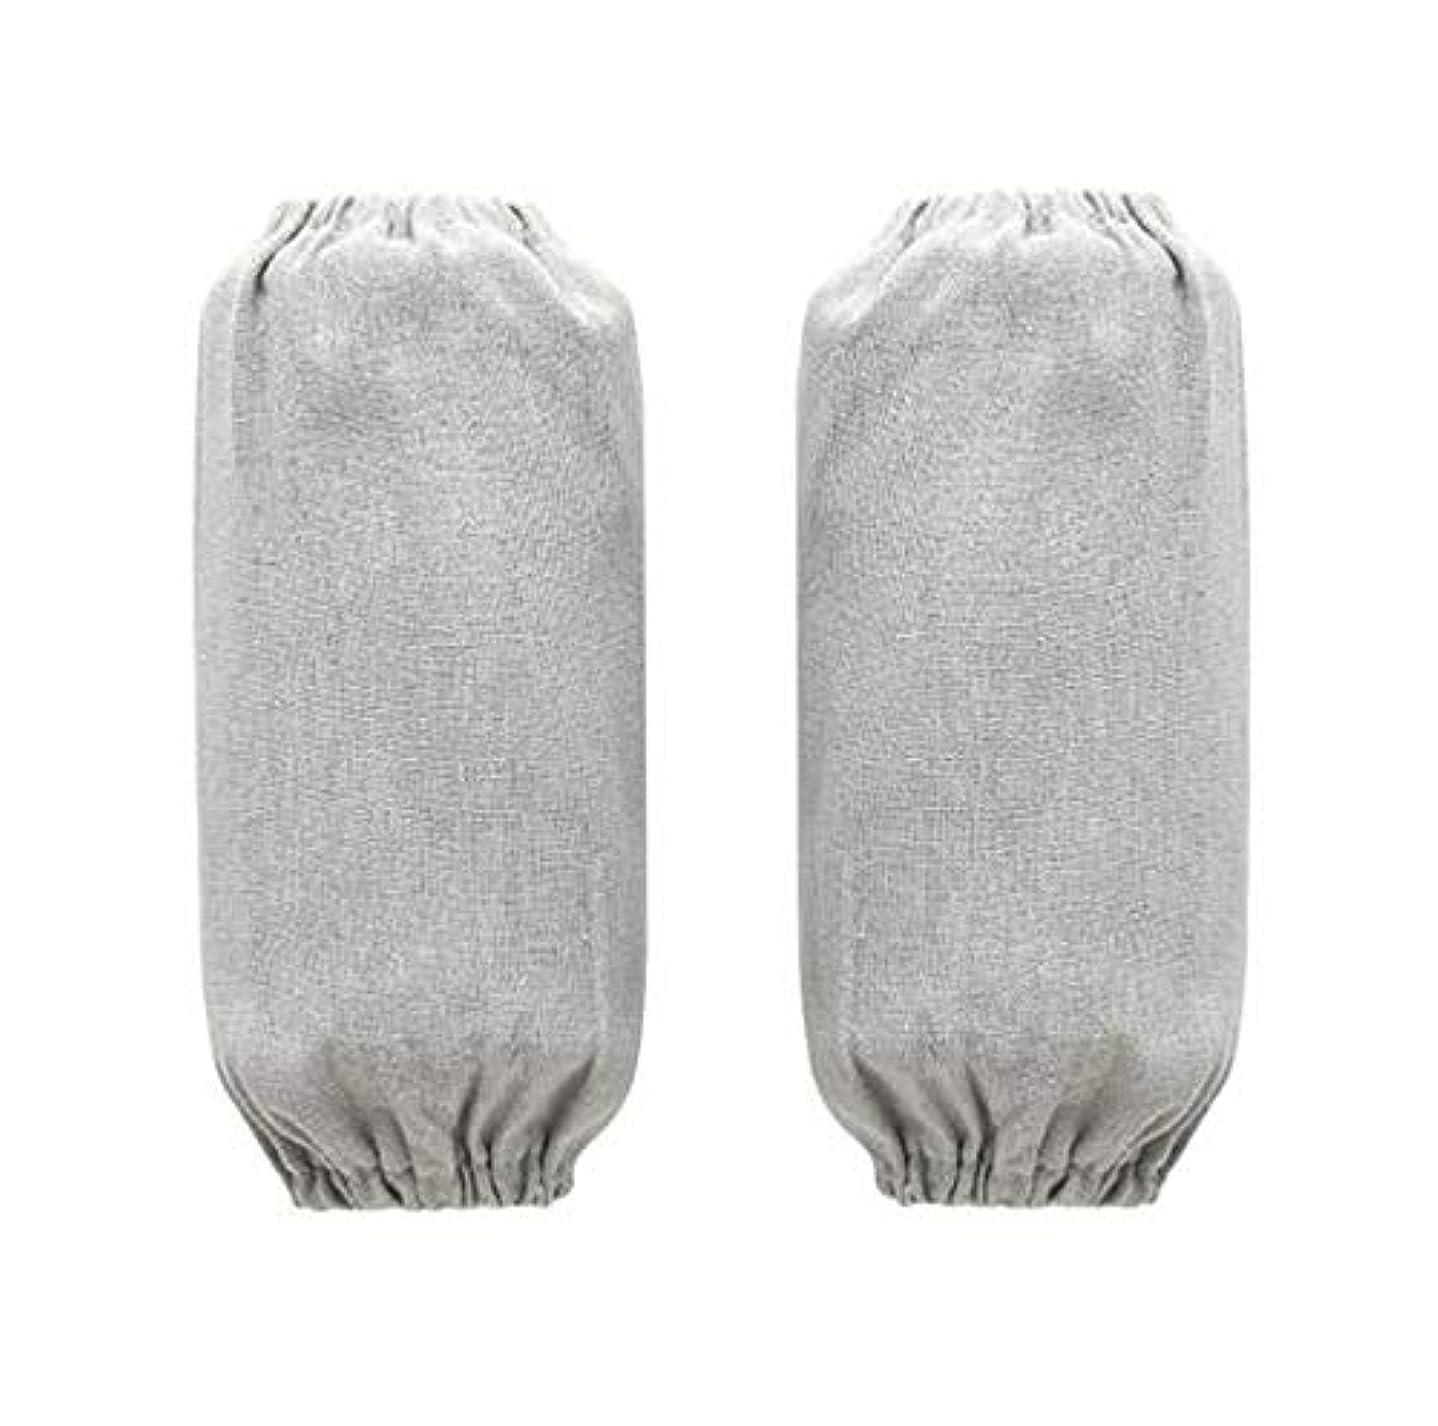 ナチュラ延ばす広まった綿麻 腕カバー 汚れ防止 袖カバー アームカバー 家事/キッチン/作業用